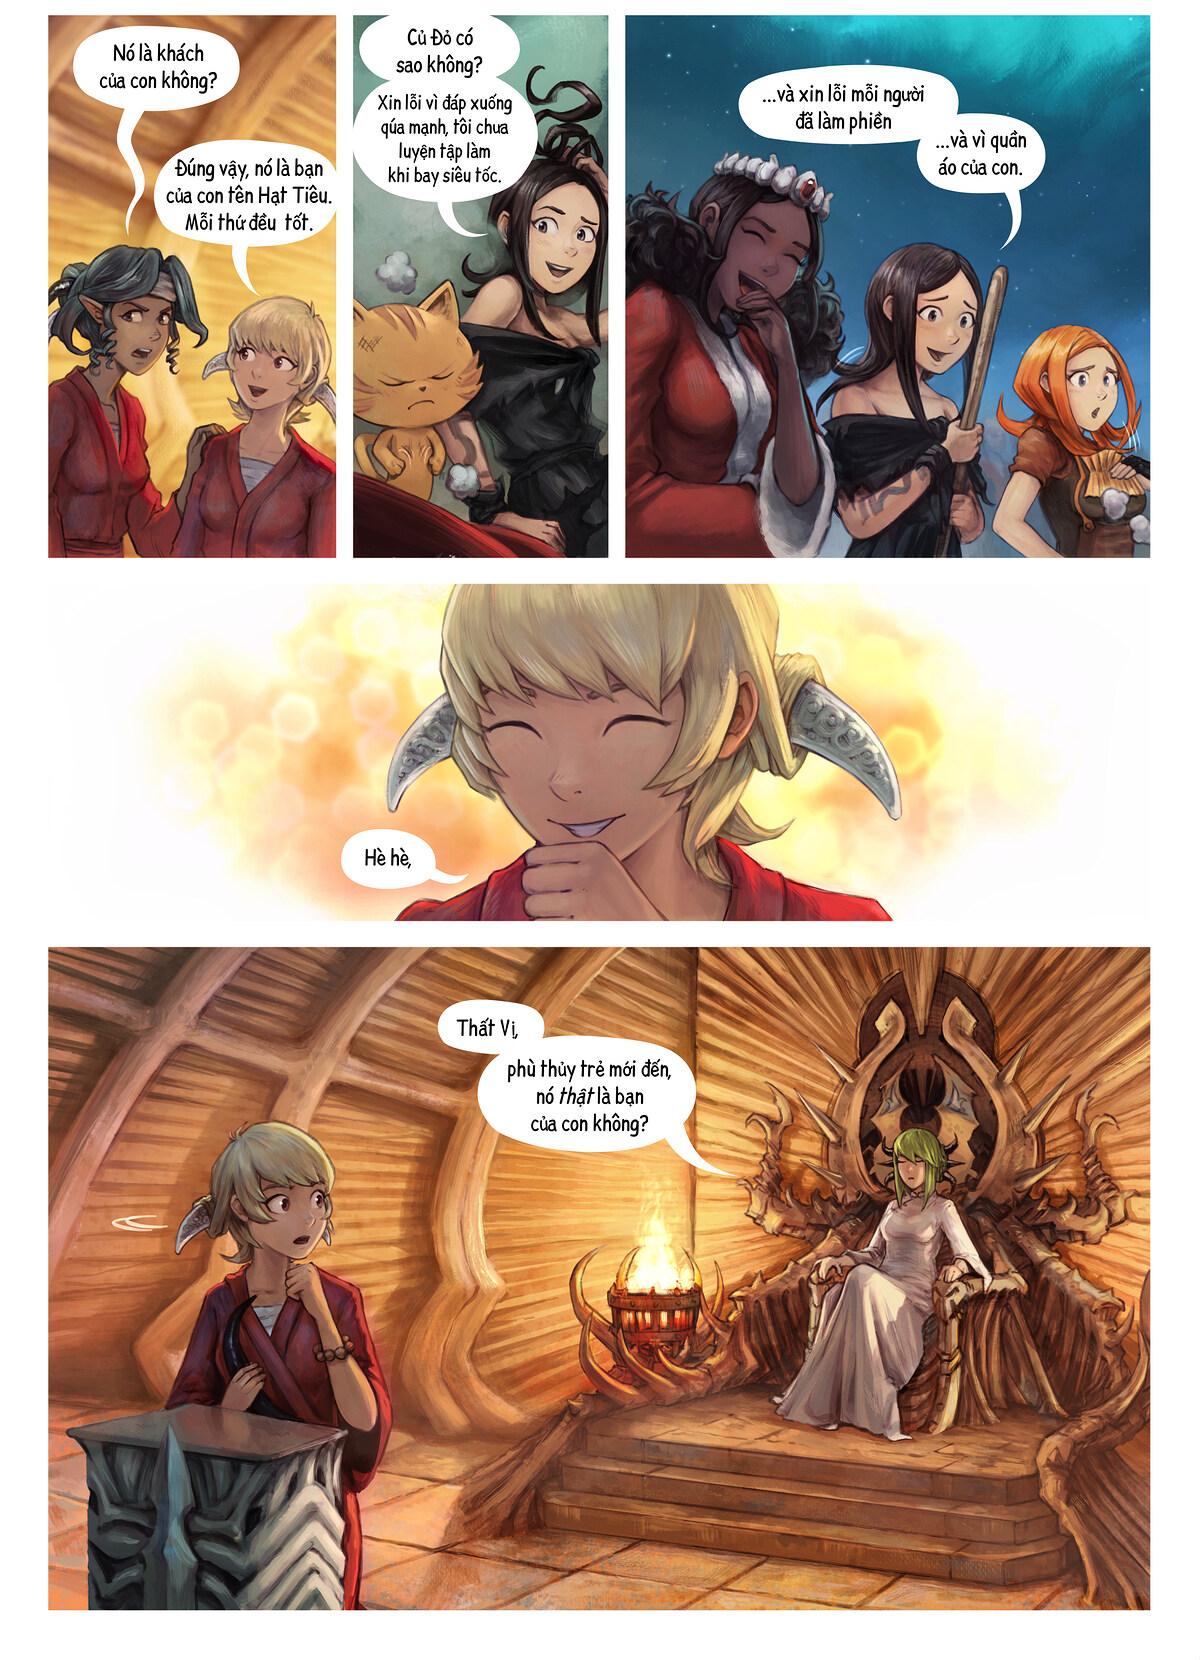 Tập 34: Thất Vị Nhậm Chức Hiệp Sĩ, Trang 3